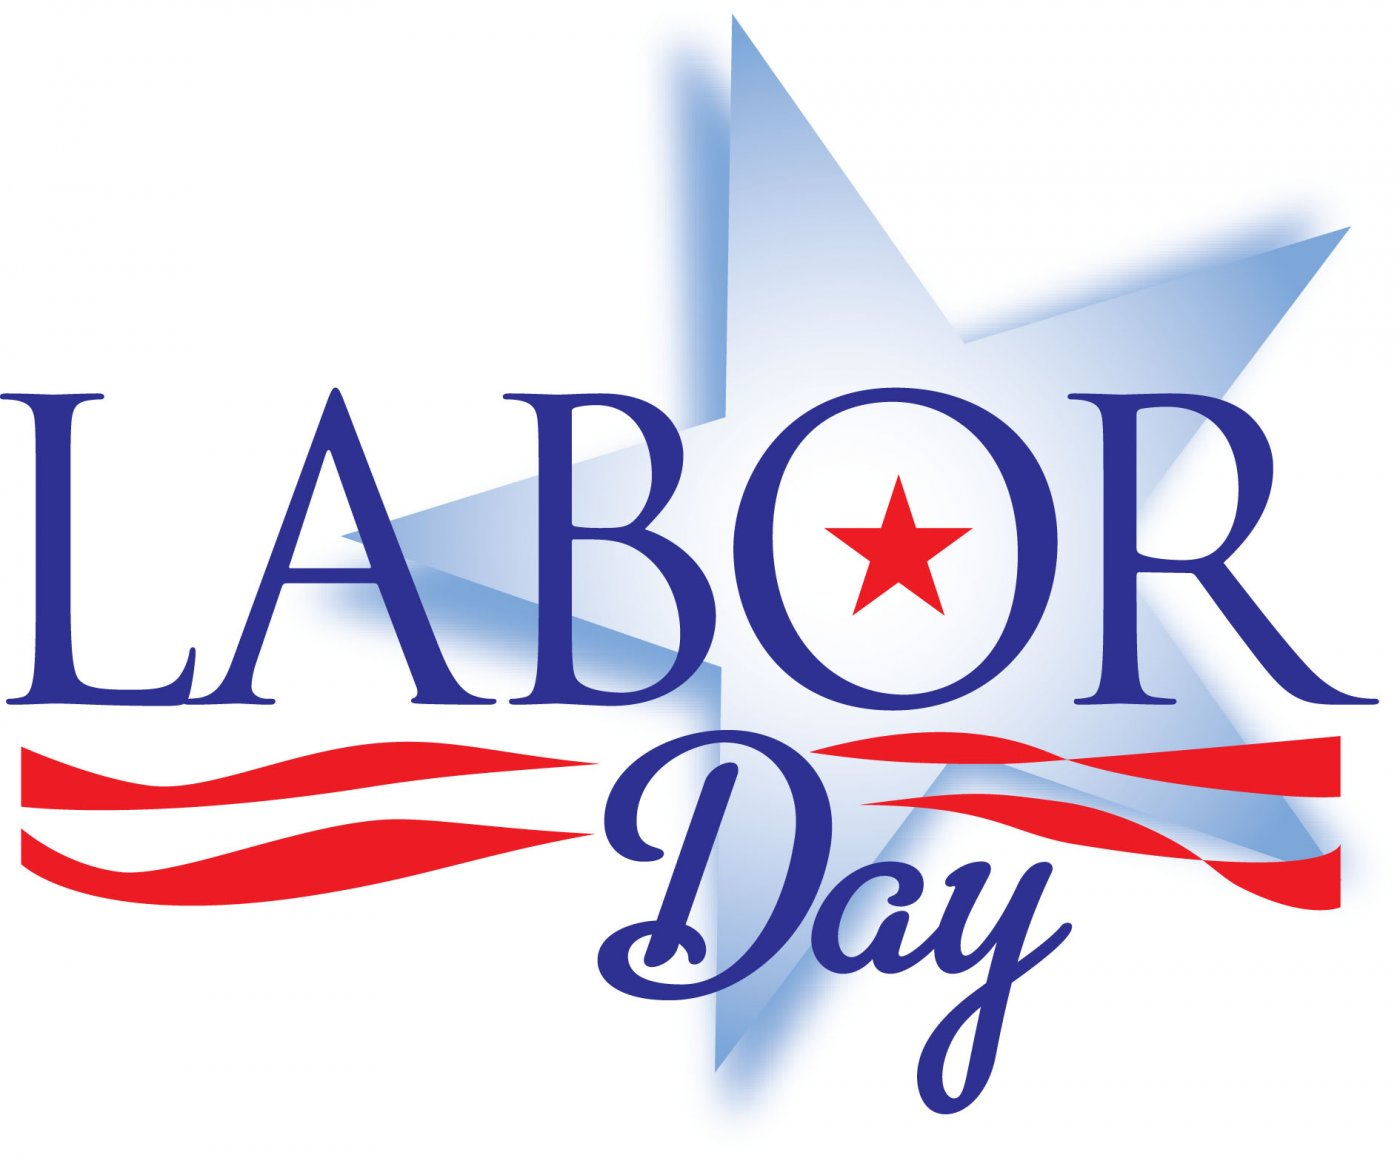 Labor Day is een feestdag in de Verenigde Staten en Canada gehouden op de eerste maandag in september ter ere van arbeiders De eerste vieringen zijn terug te voeren